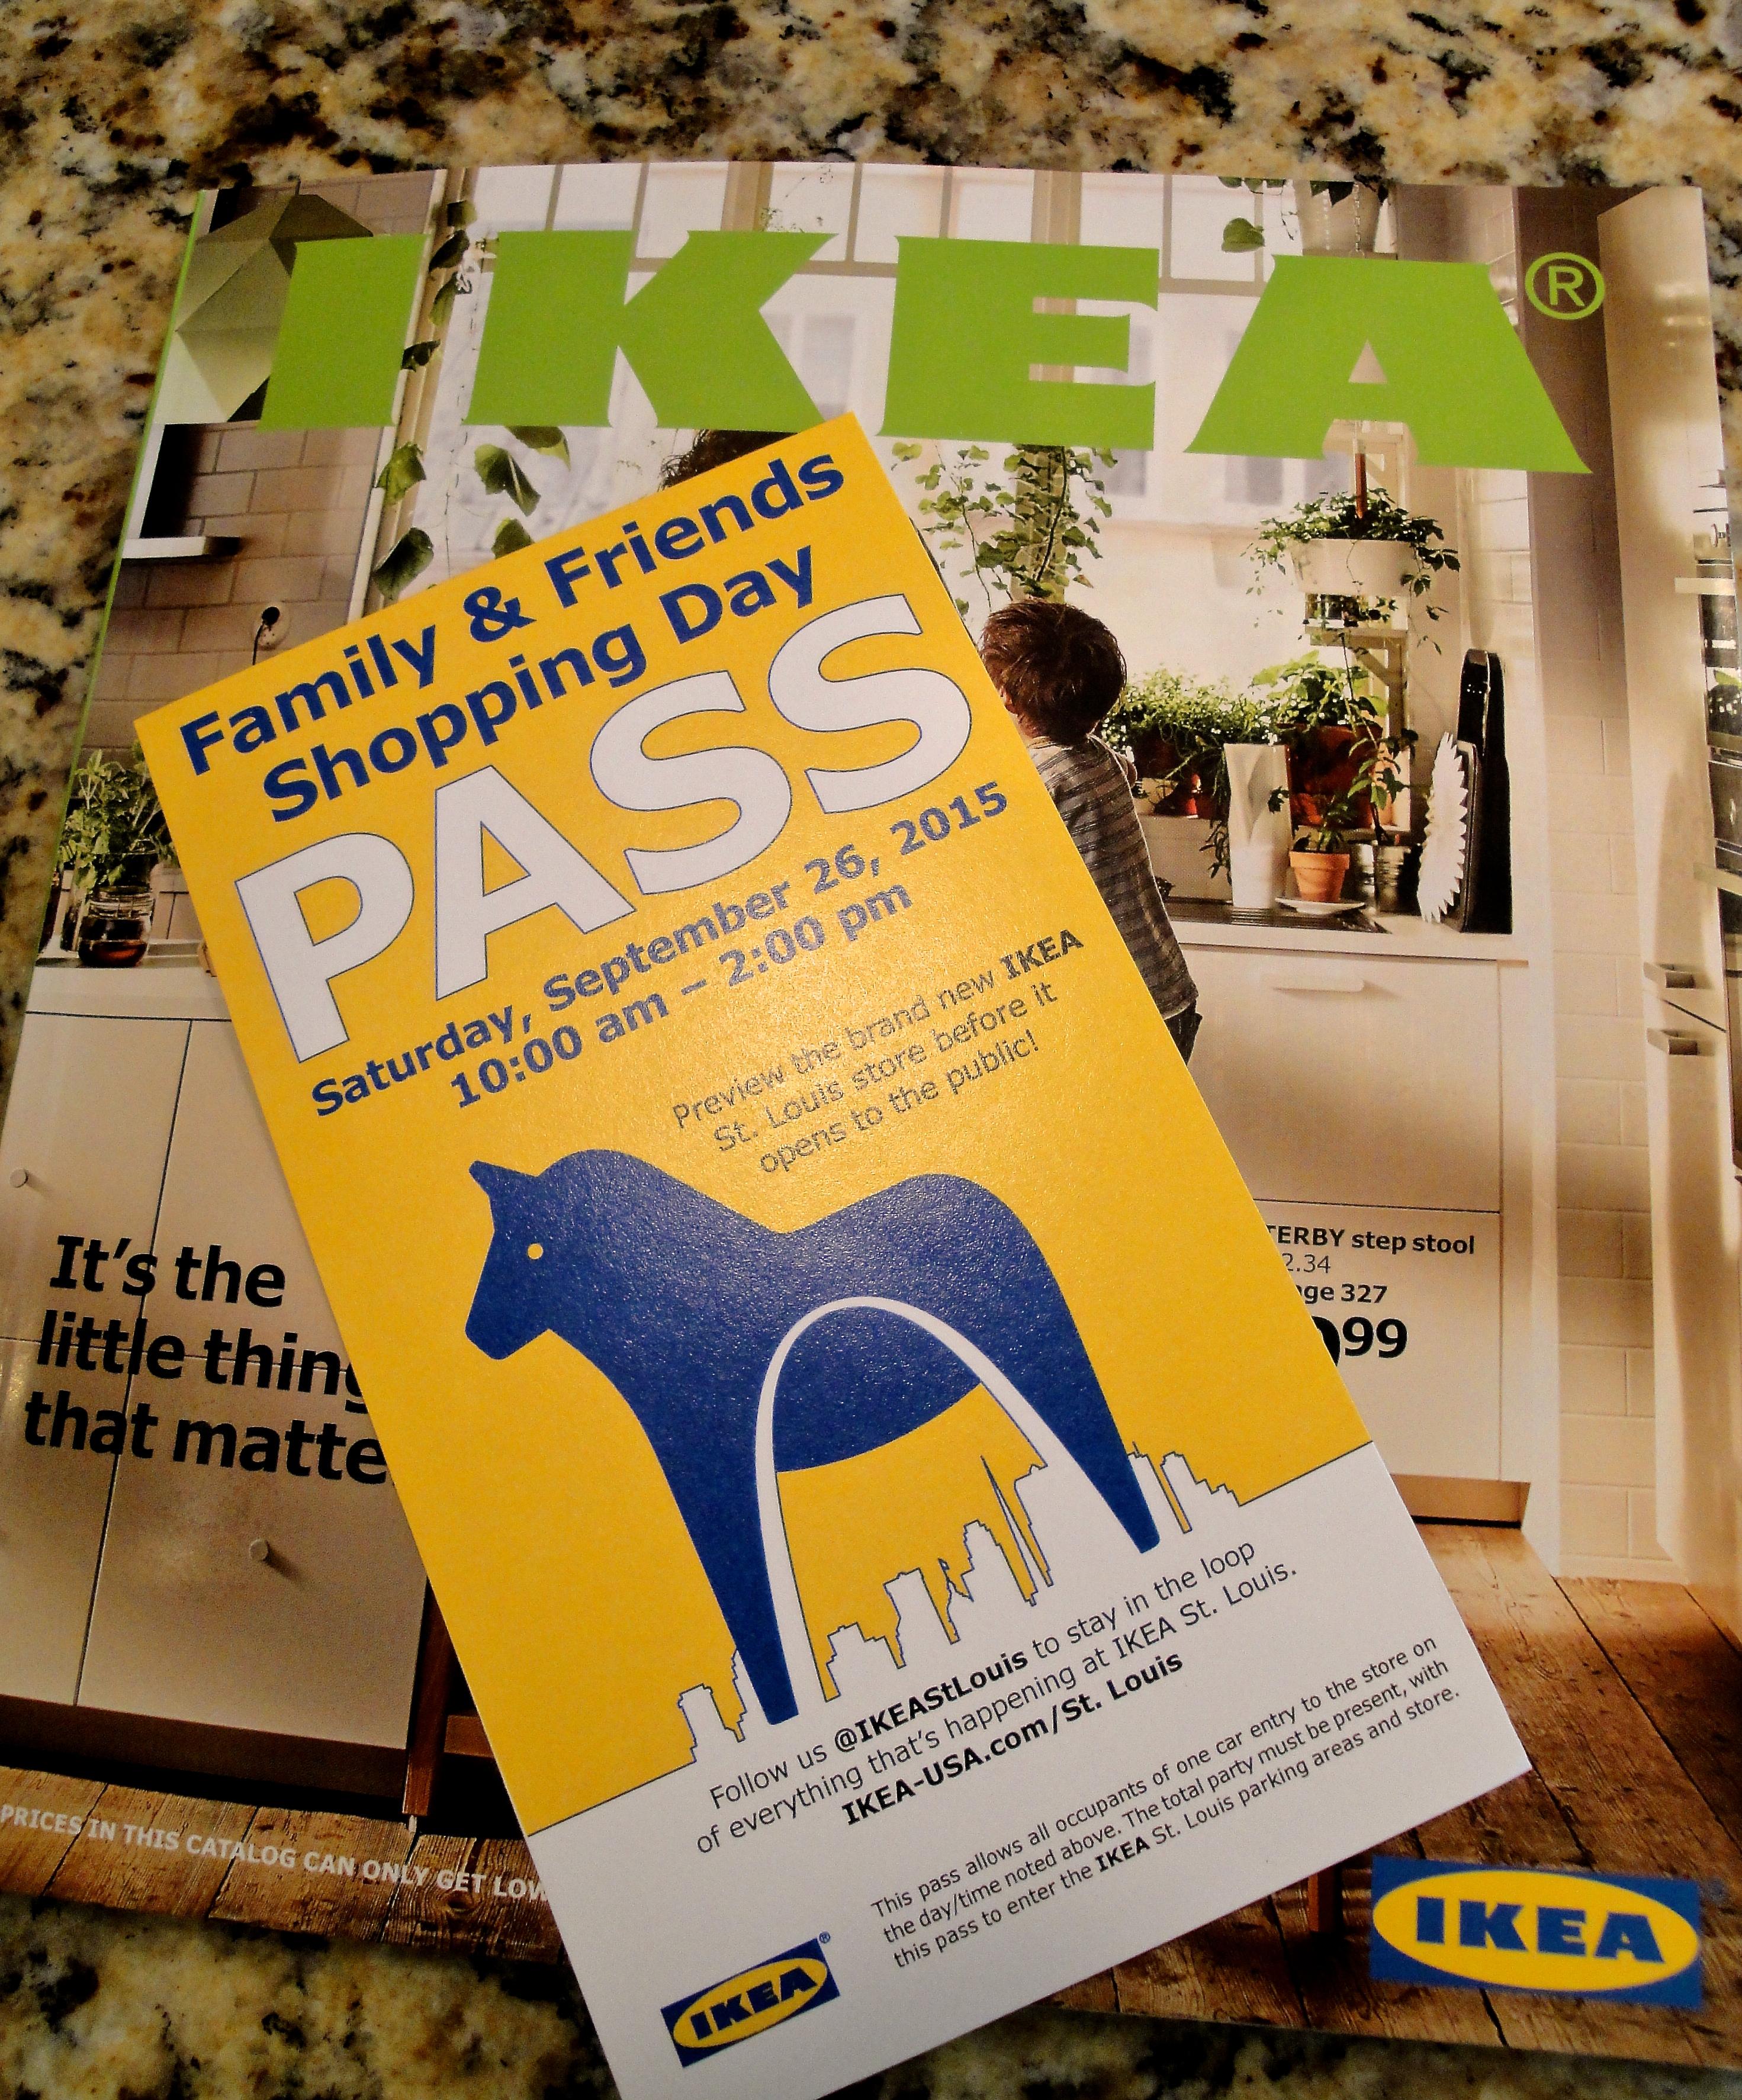 Ikea Has Arrived!